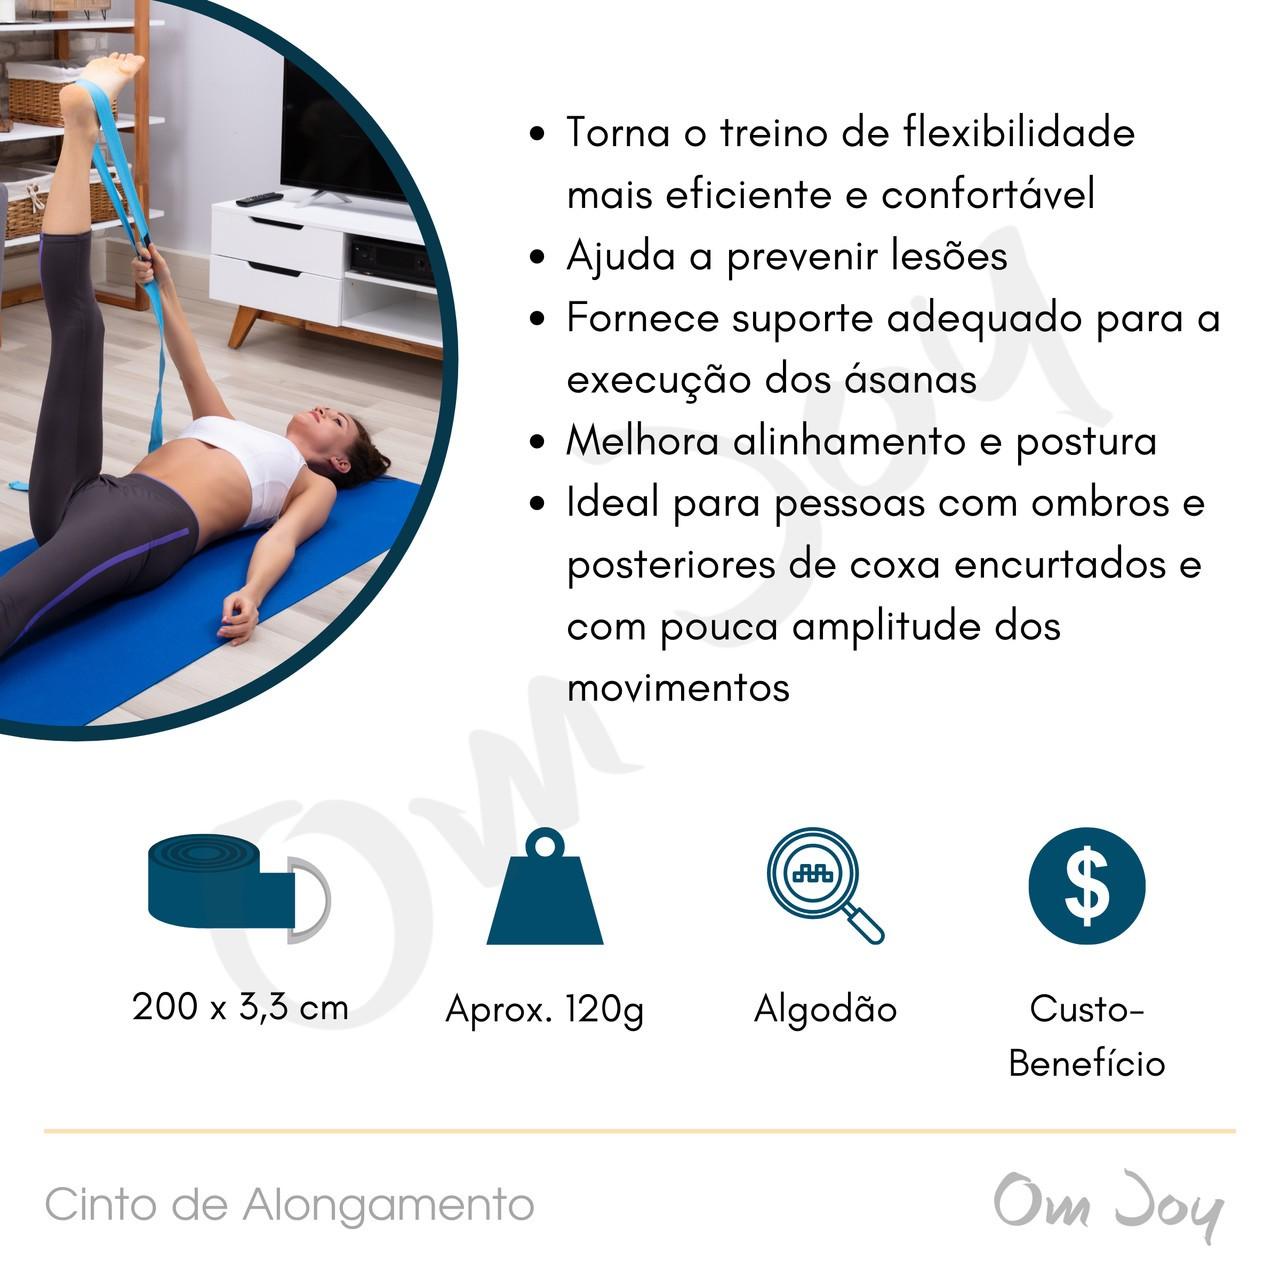 Cinto para Alongamento - Yoga Strap - Cor Lisa (200 cm)